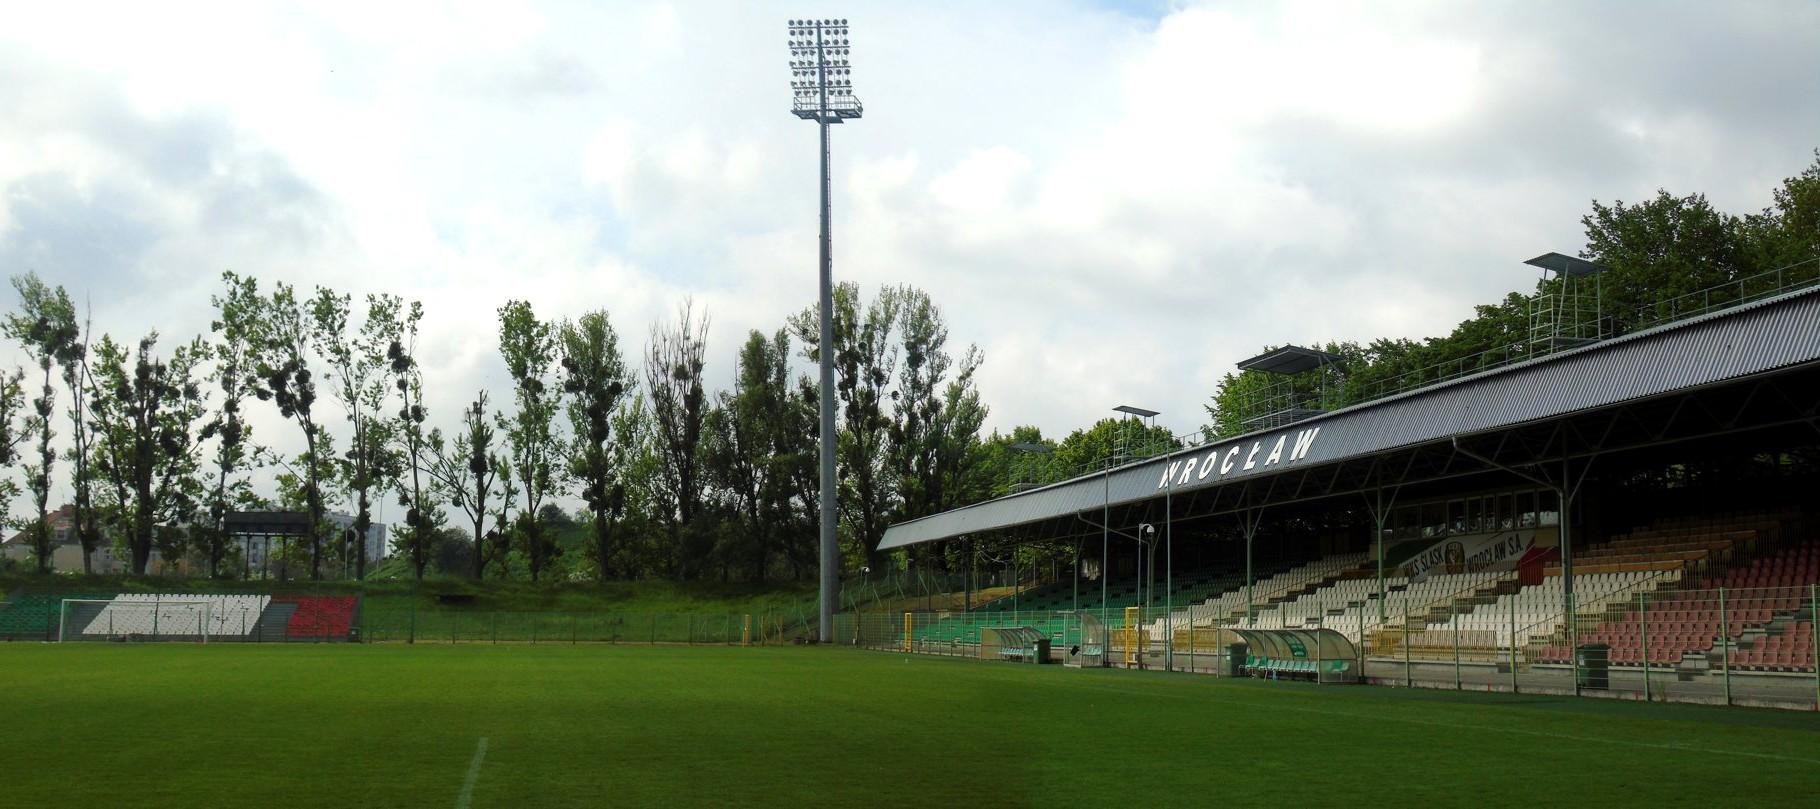 Stadion Śląska, Oporowska